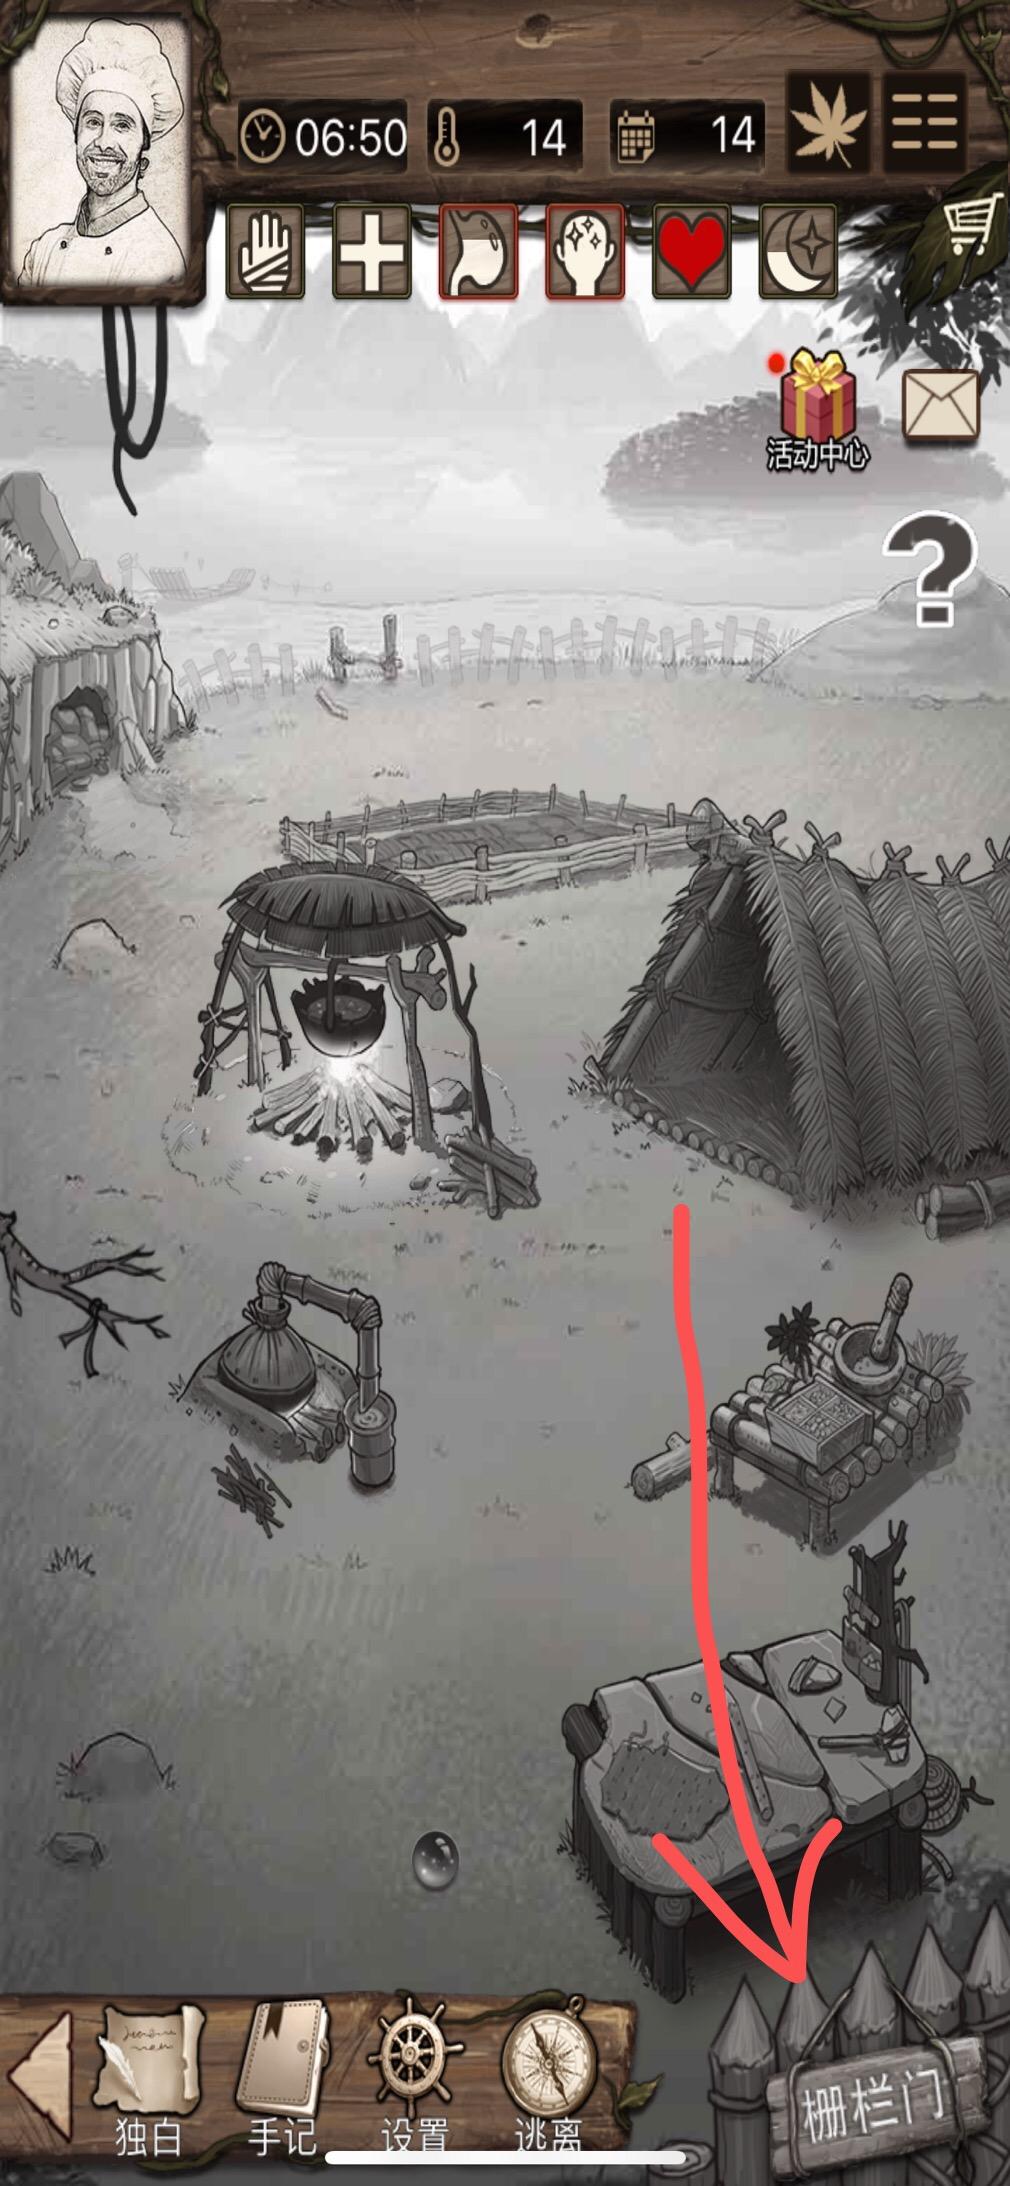 稀缺物资,荒岛求生游戏黏土矿怎么挖